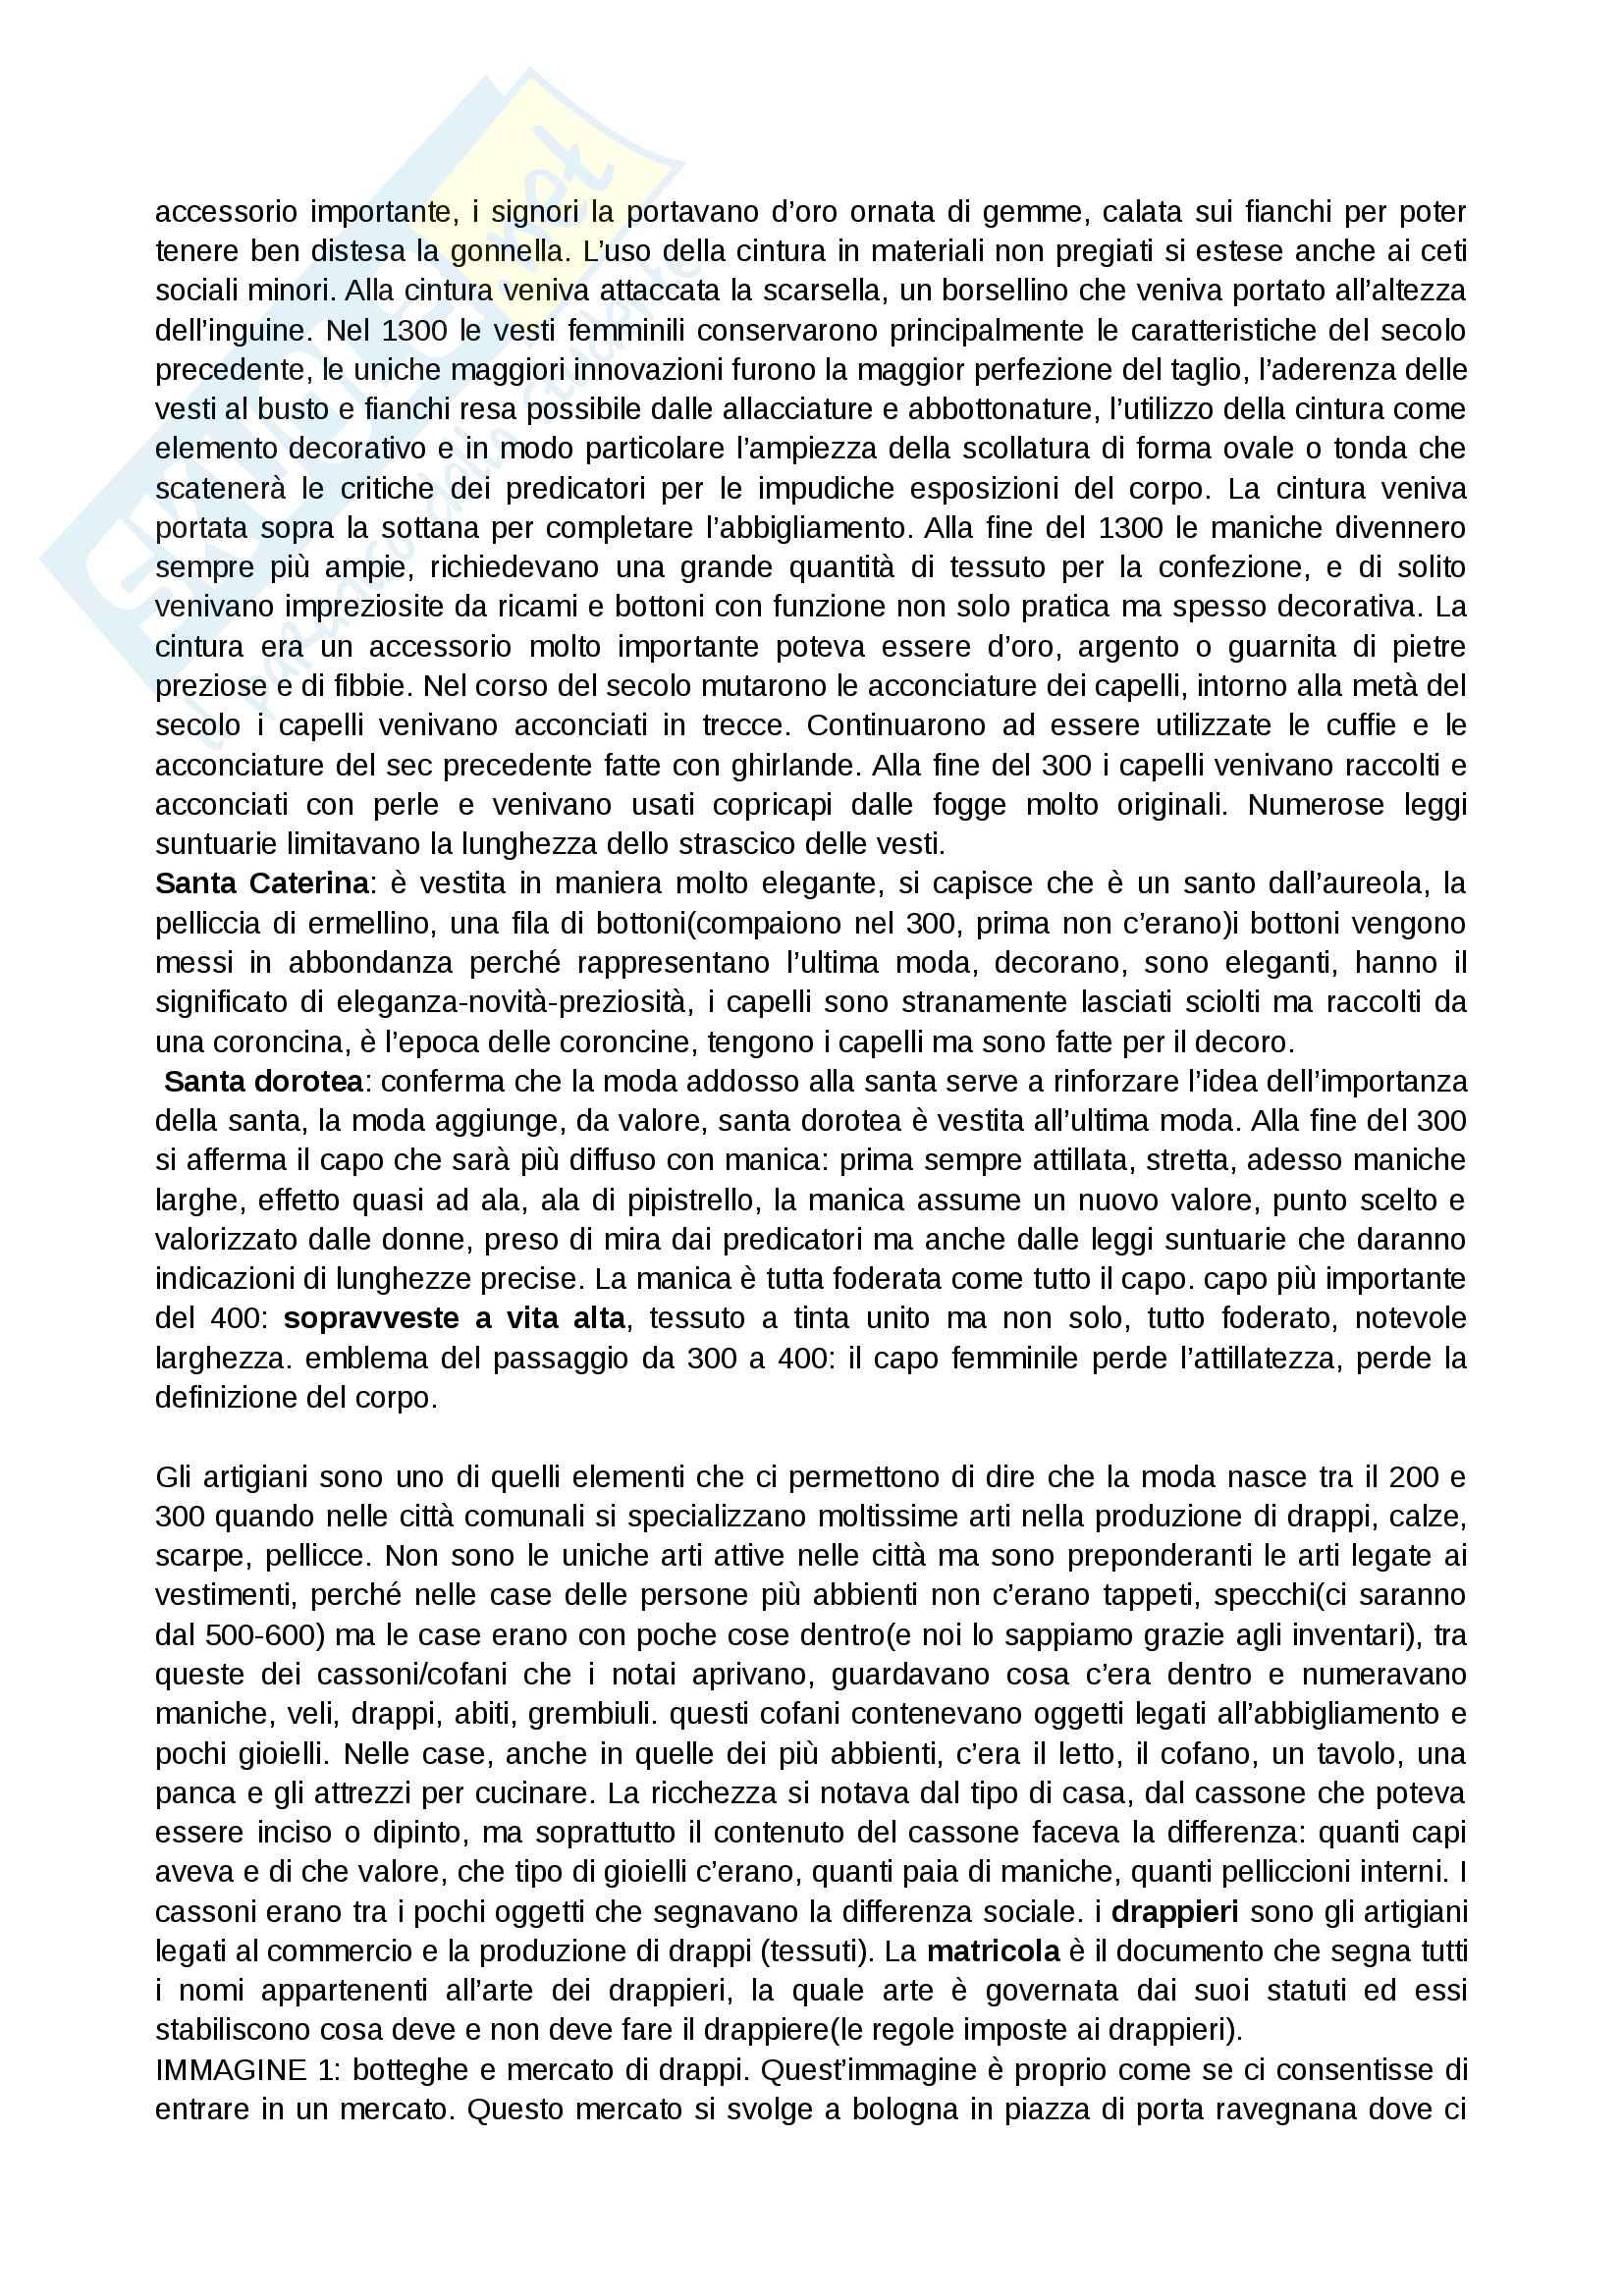 Storia del costume e della moda, prof.ssa Muzzarelli, appunti e descrizioni immagini Pag. 6